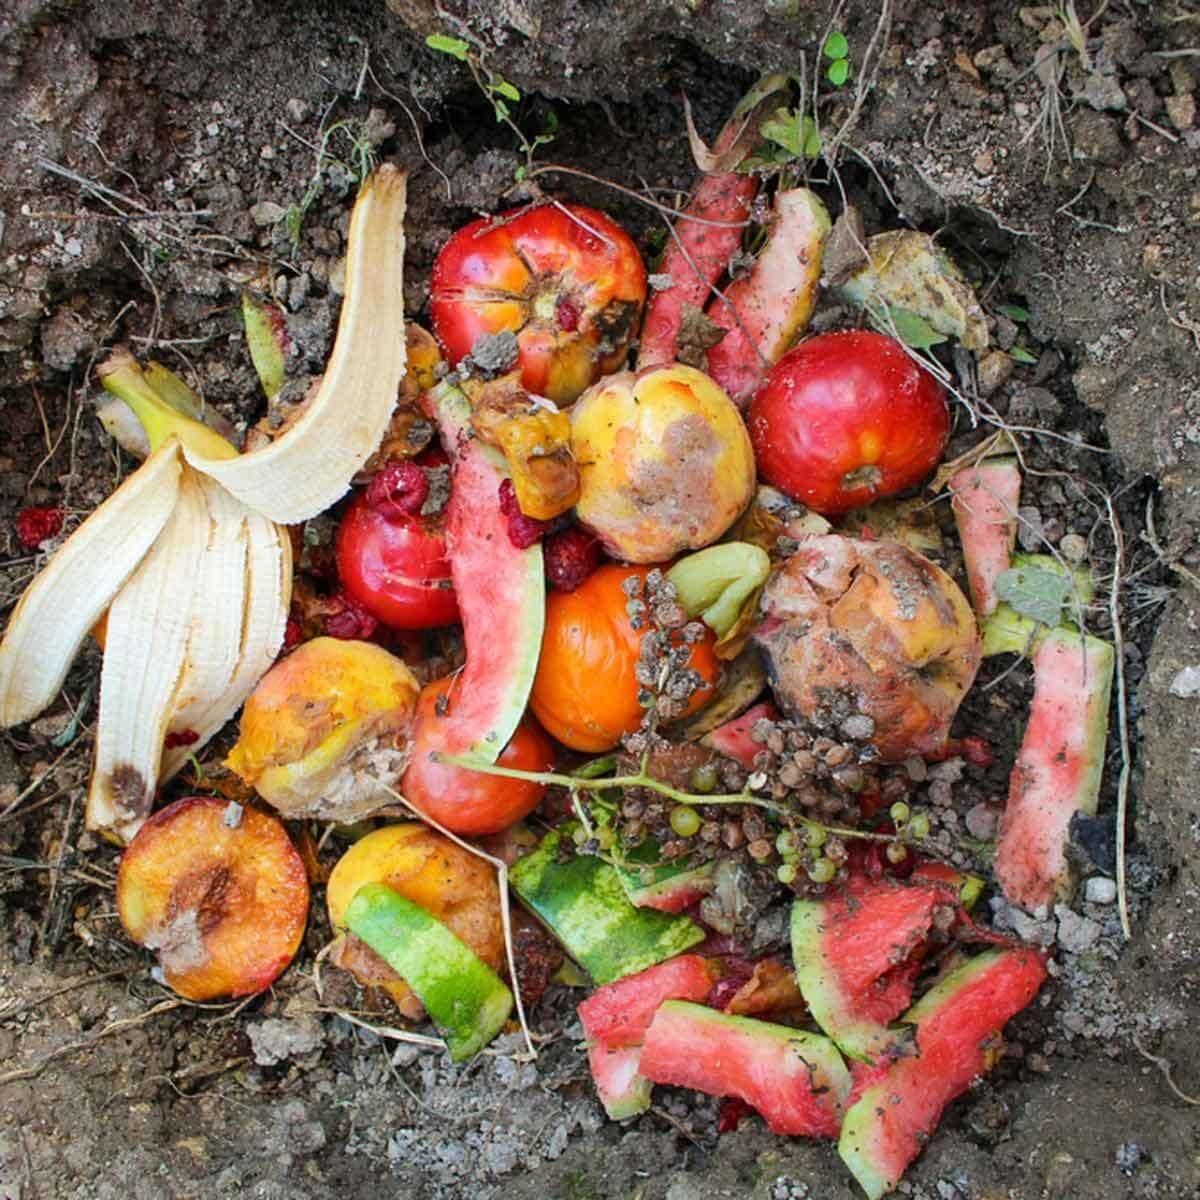 food scraps in compost